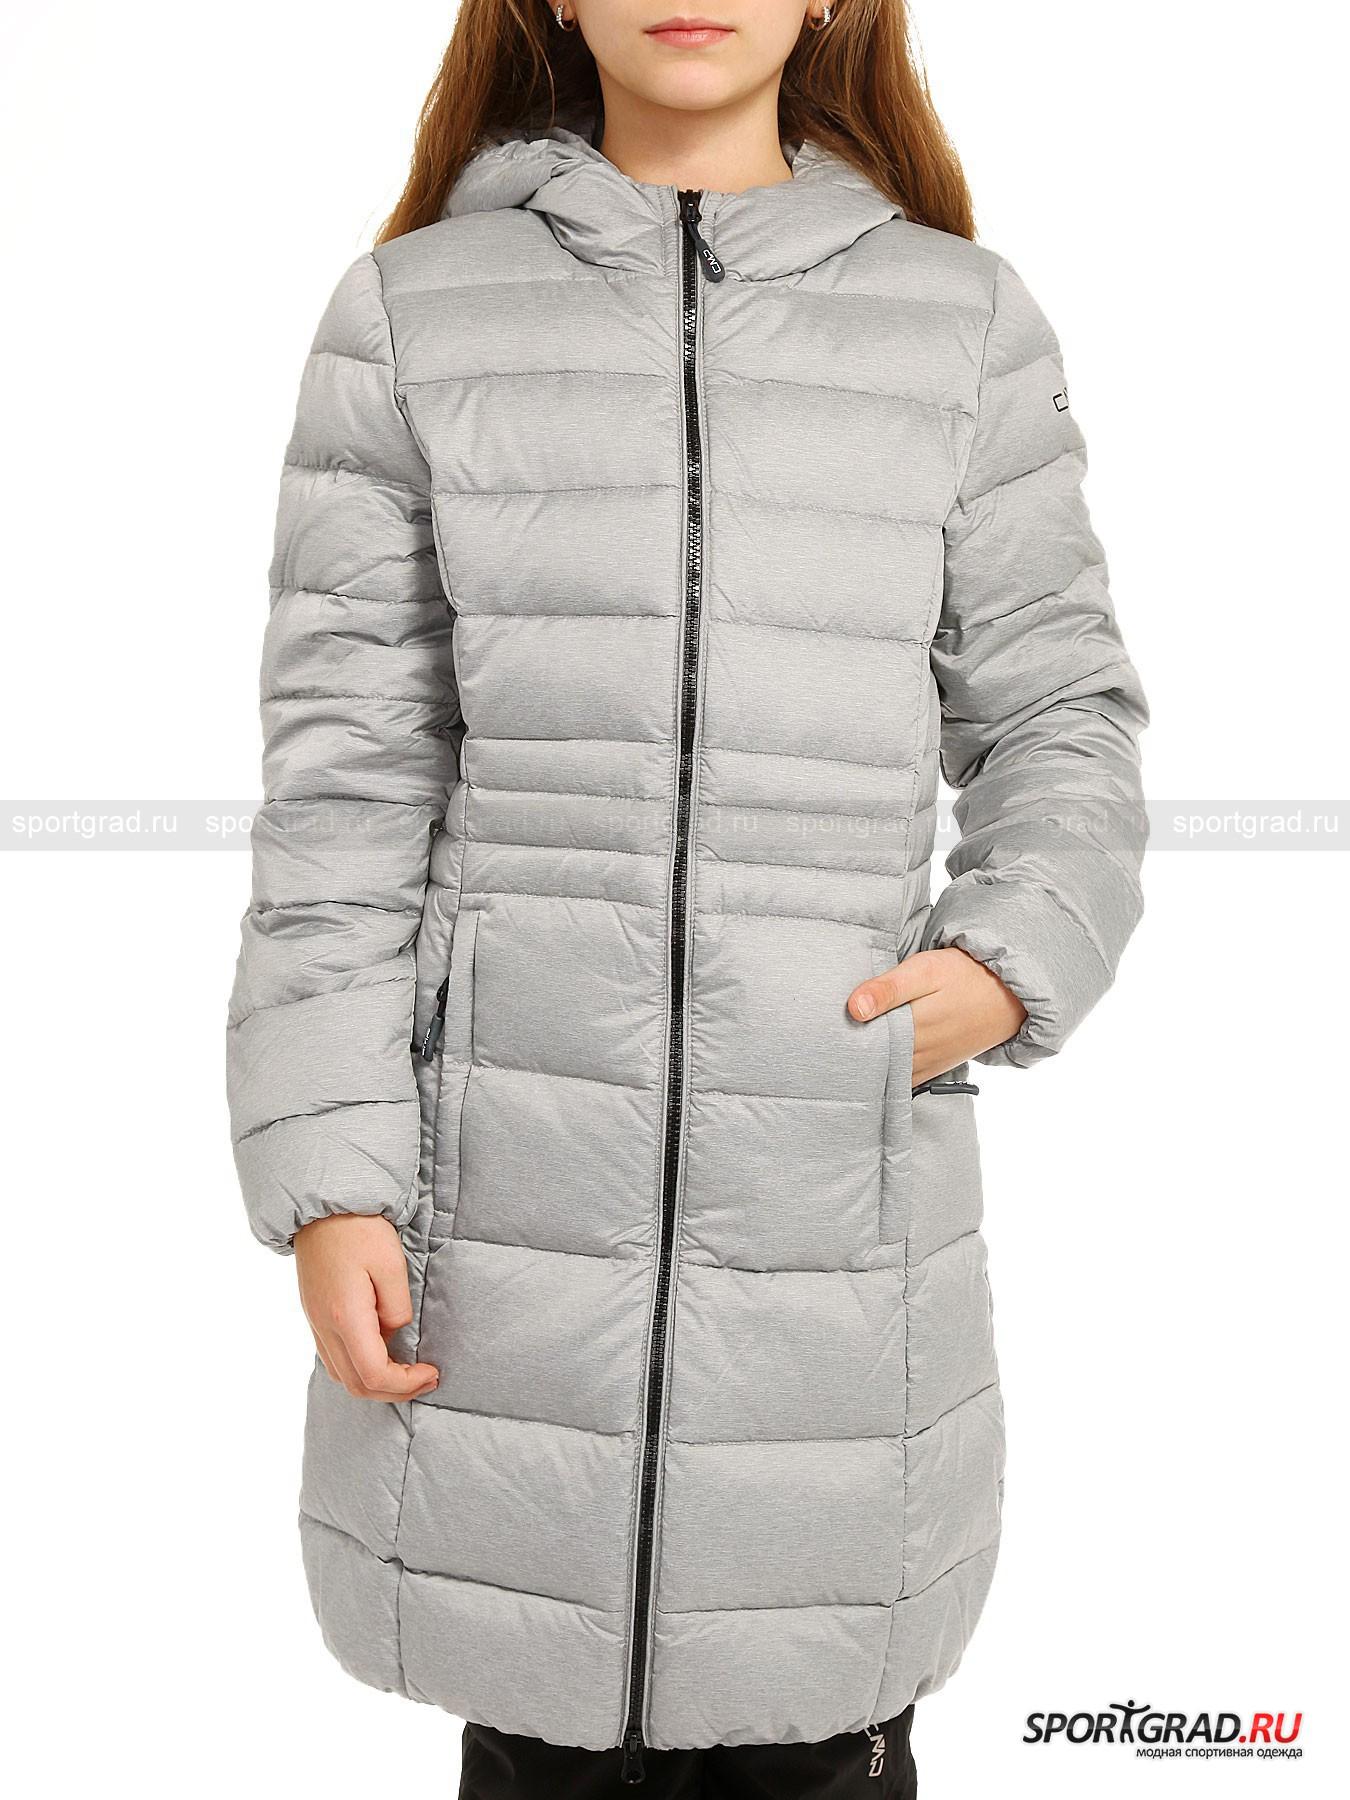 Пальто стёганое пуховое для девочек CAMPAGNOLO